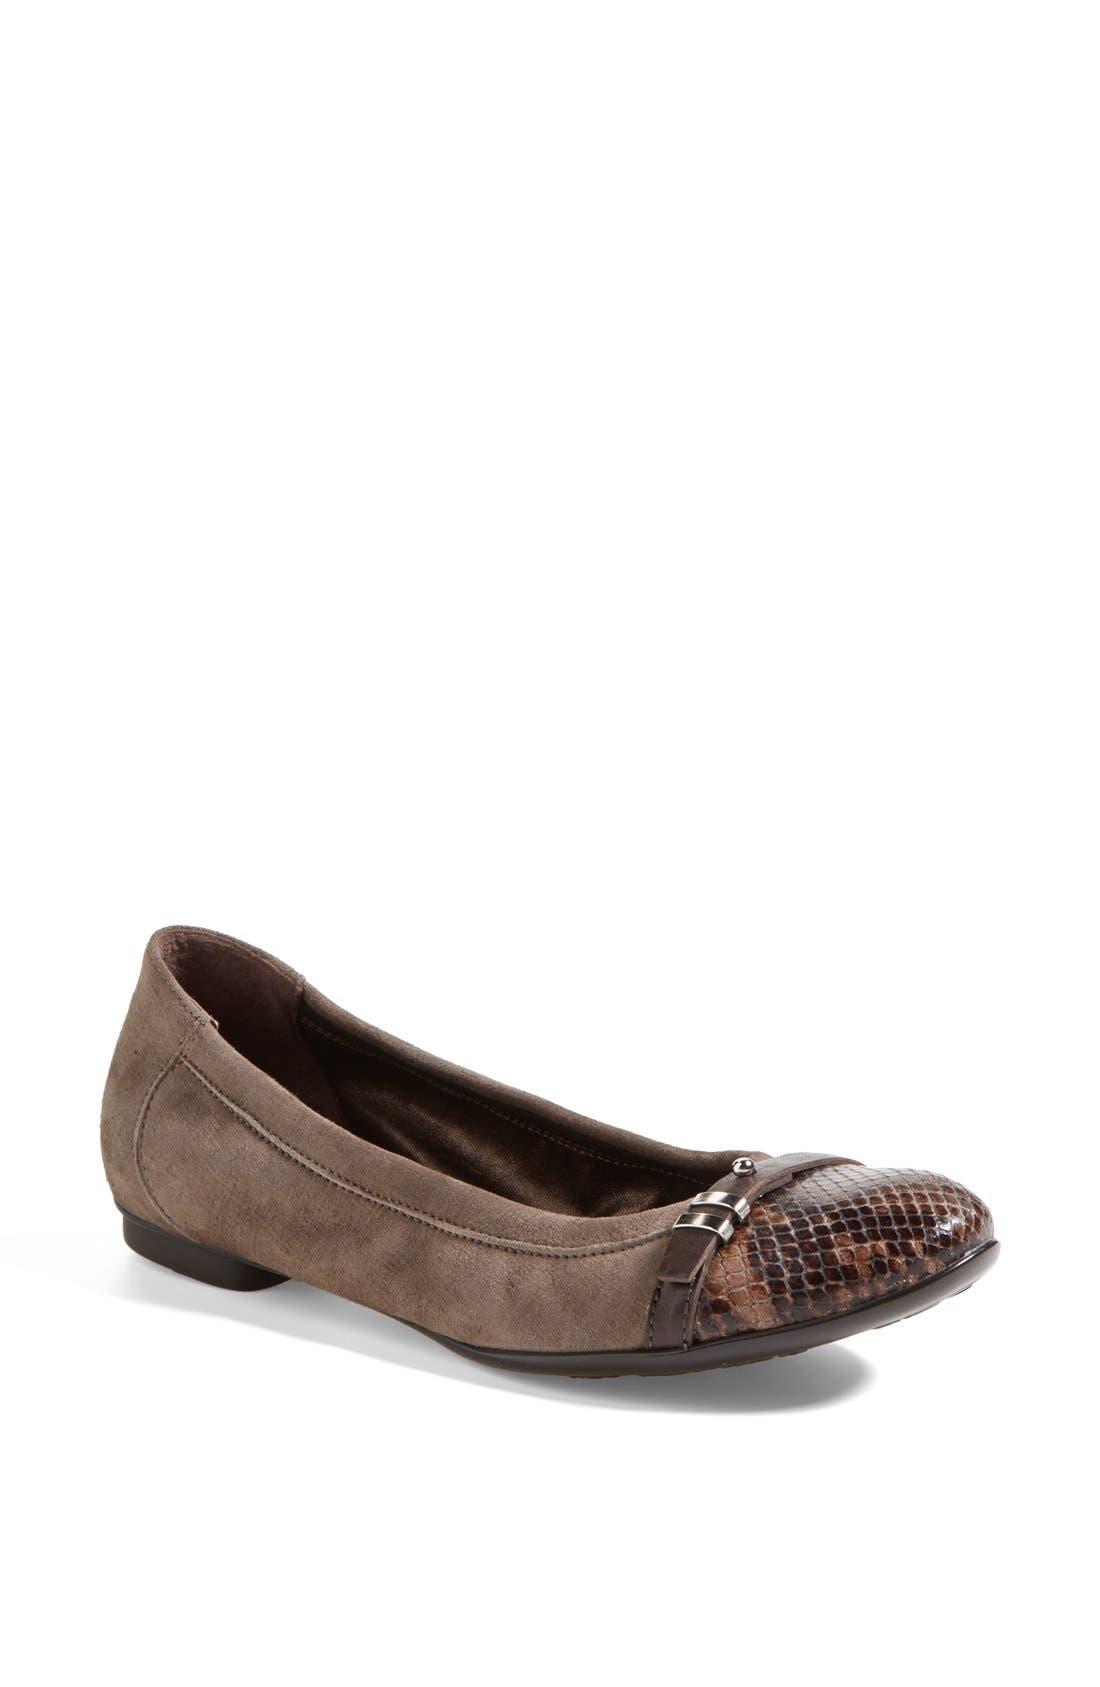 Main Image - Attilio Giusti Leombruni 'Bella' Patent & Nappa Leather Ballet Flat